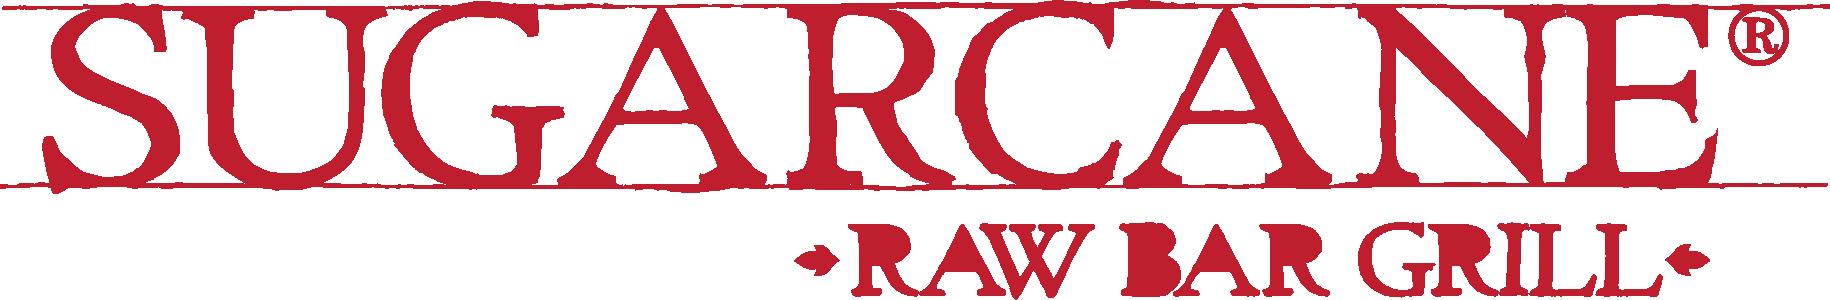 Sugarcane Raw Bar Grill Home